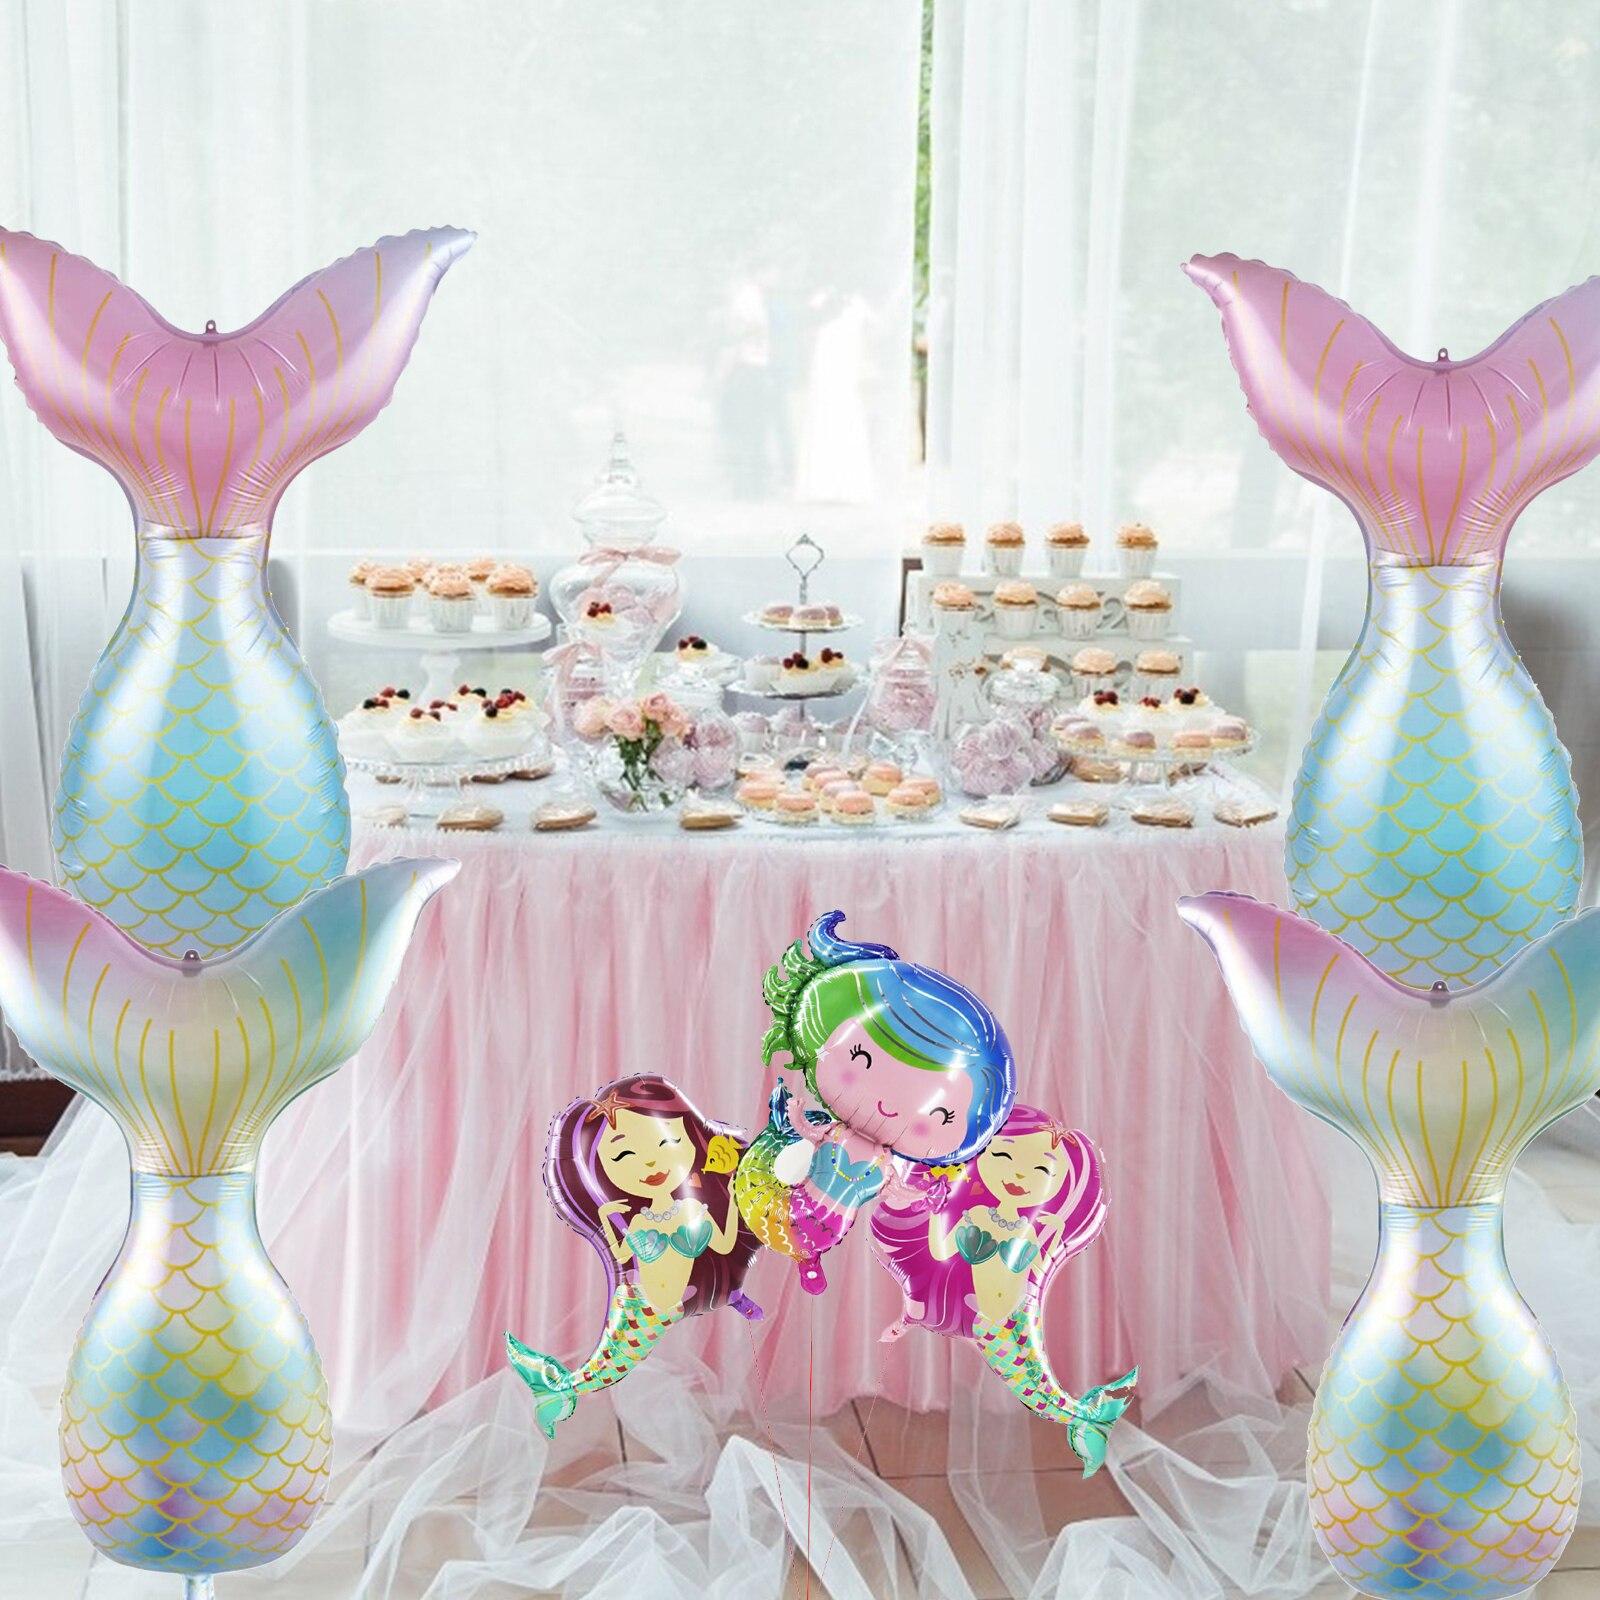 Hermosa sirena cola globo chica cumpleaños fiesta Babay ducha decoración grande dibujos animados pequeña sirena globos juguetes fiesta suministro